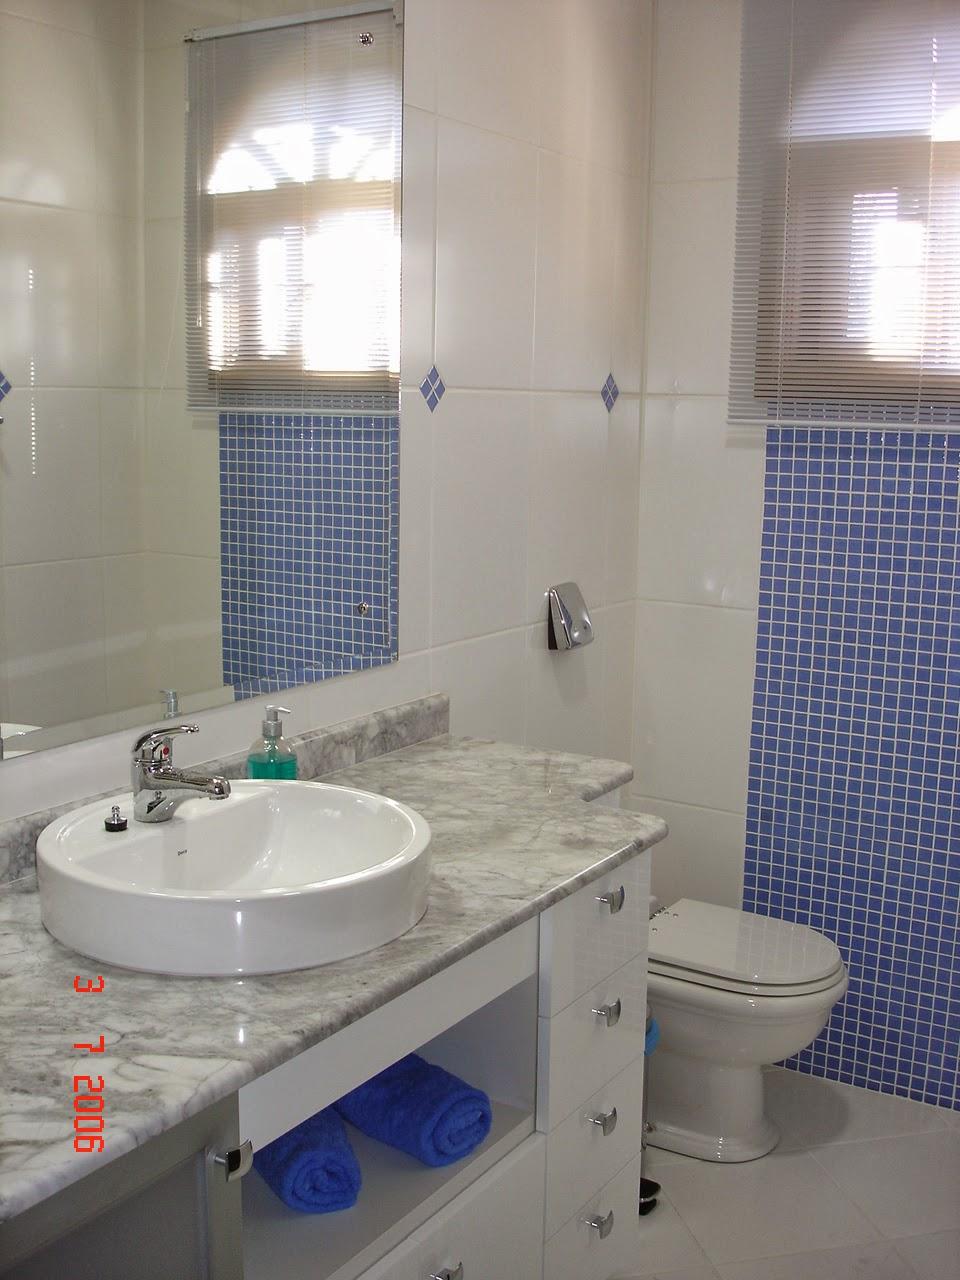 Studio Ceramico Obra Banheiro branco com pastilha azul -> Banheiro Branco Com Pastilhas Pretas